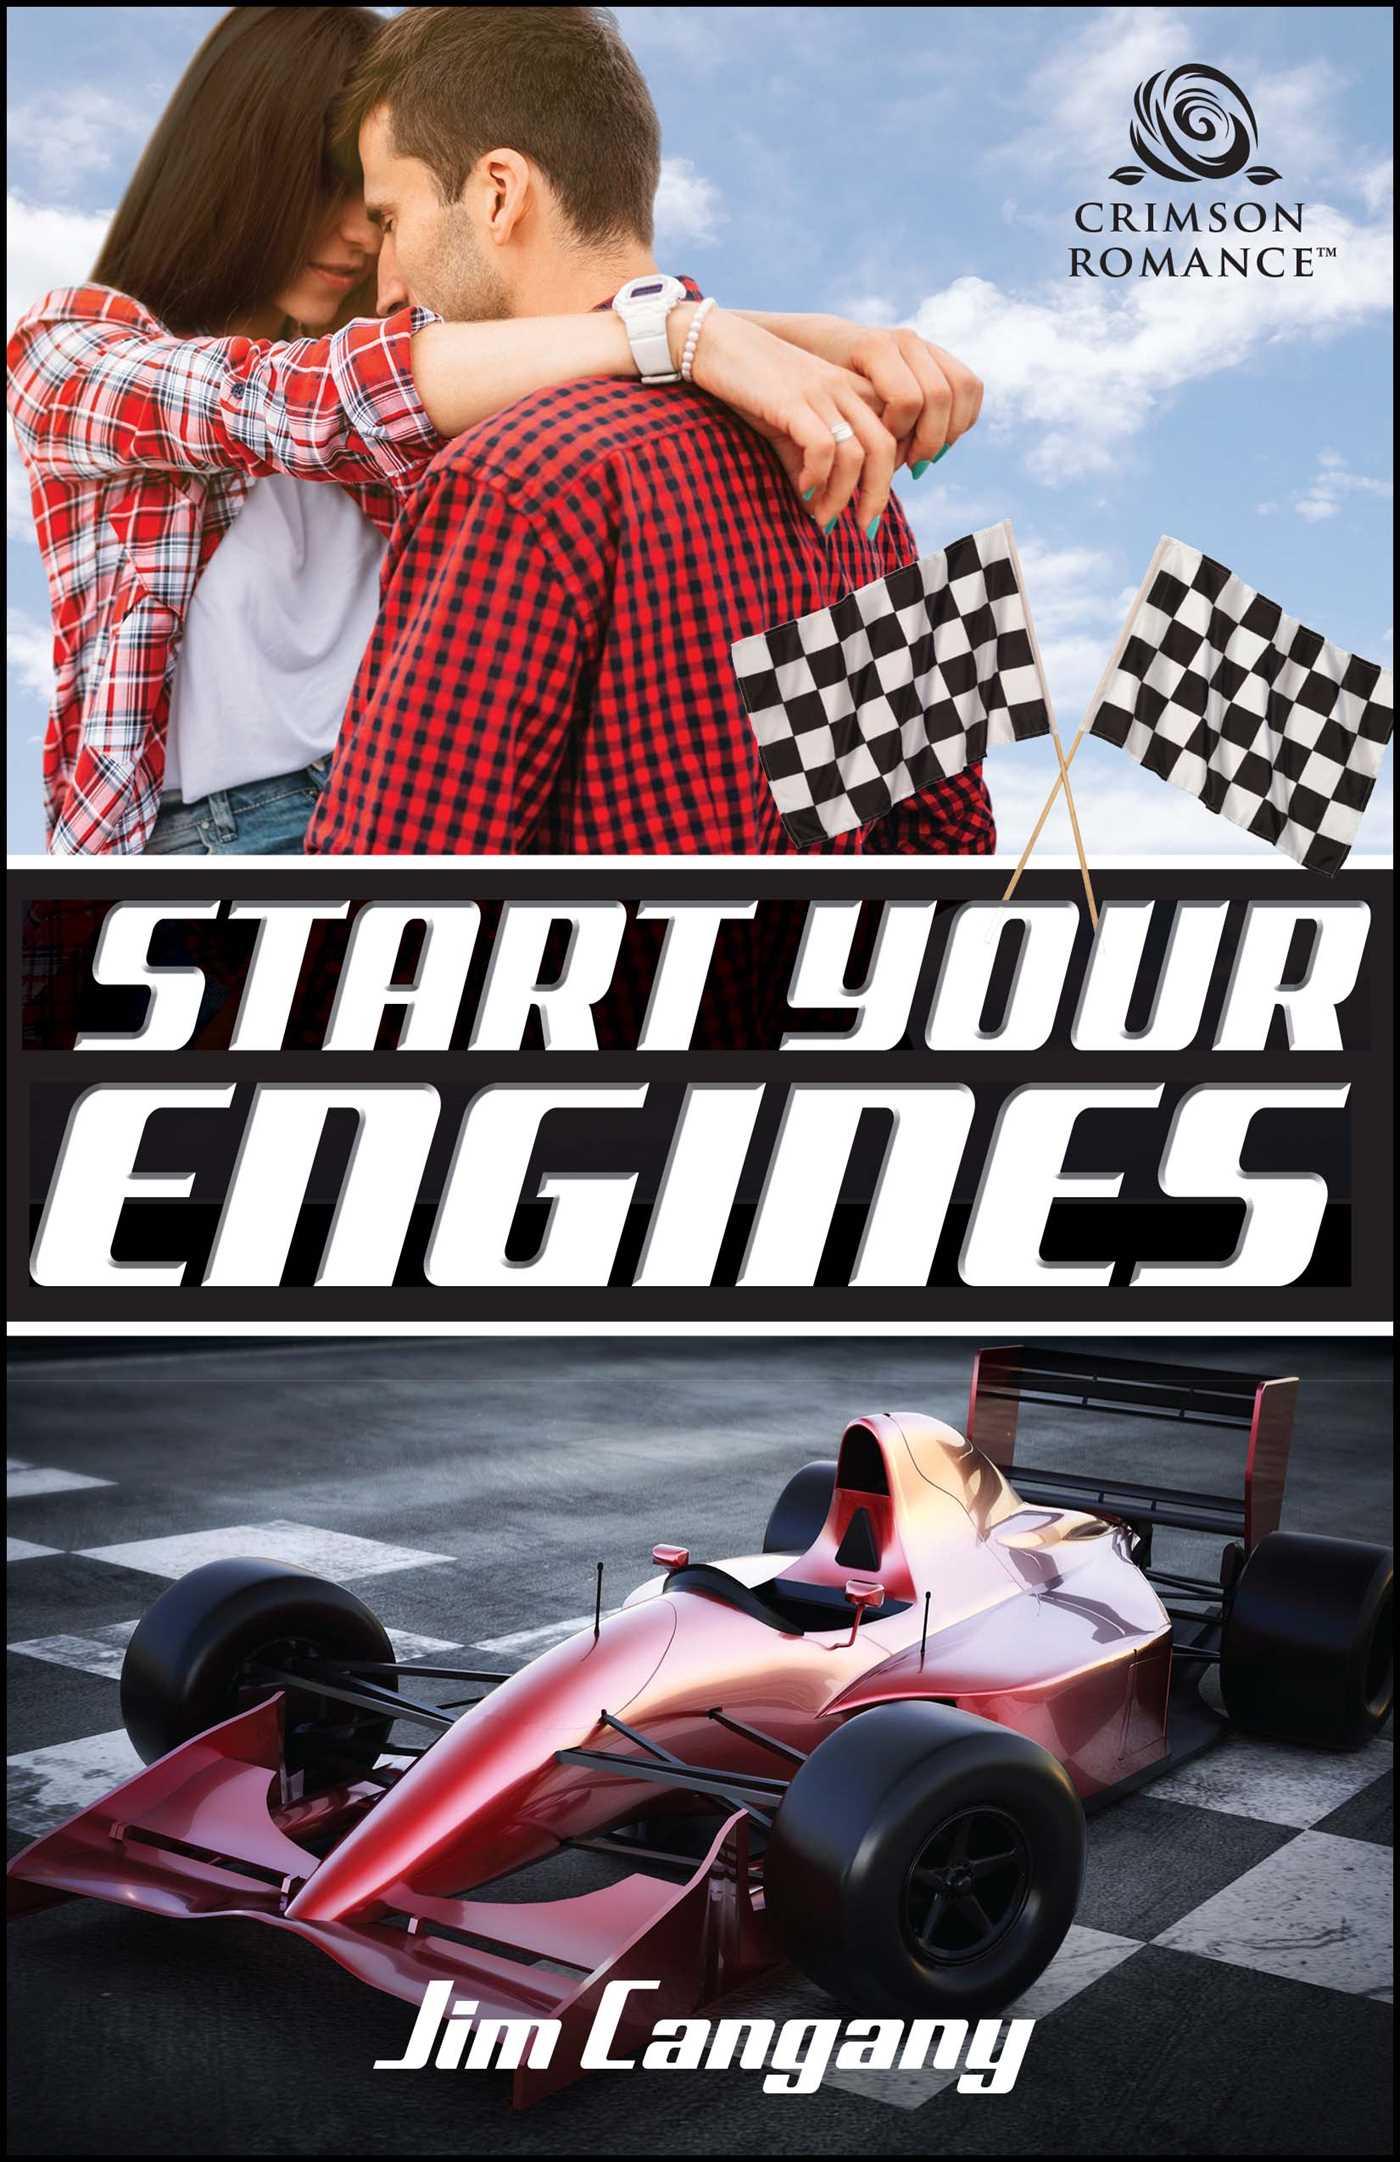 Start your engines 9781507206966 hr